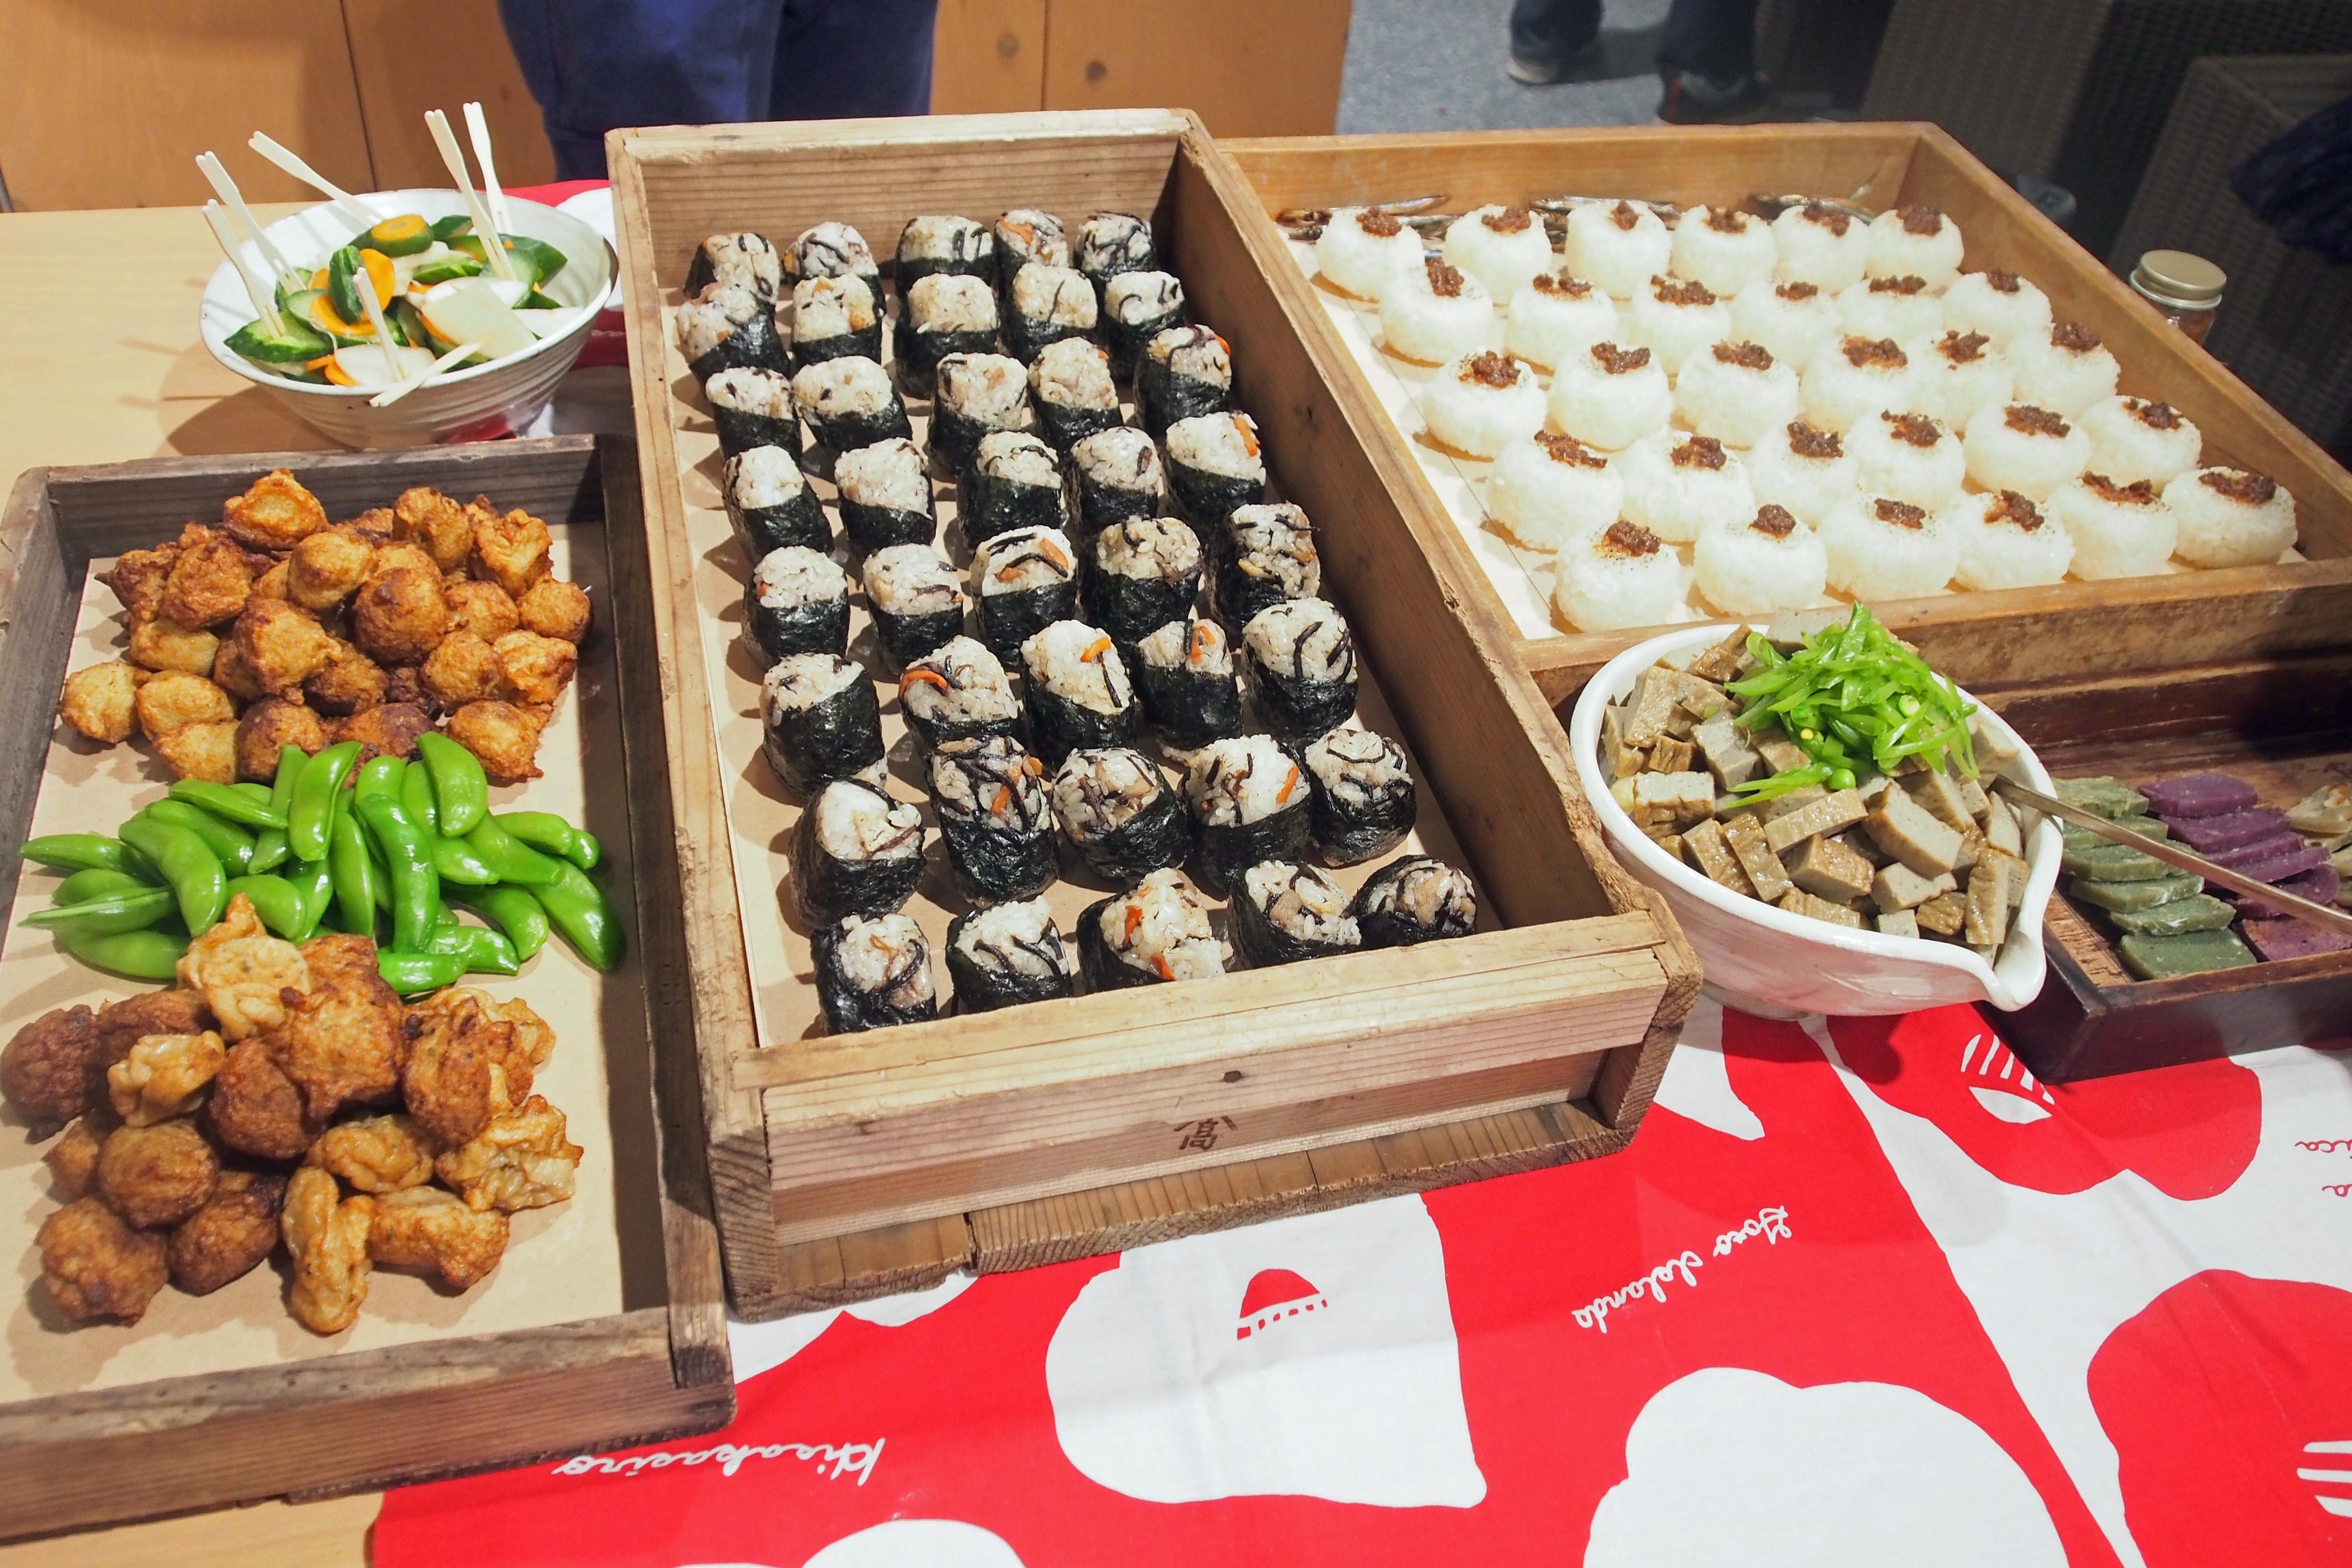 五島の食材を使ったケータリングを食べながら、五島と鎌倉の人が交わるトークイベントも開催。